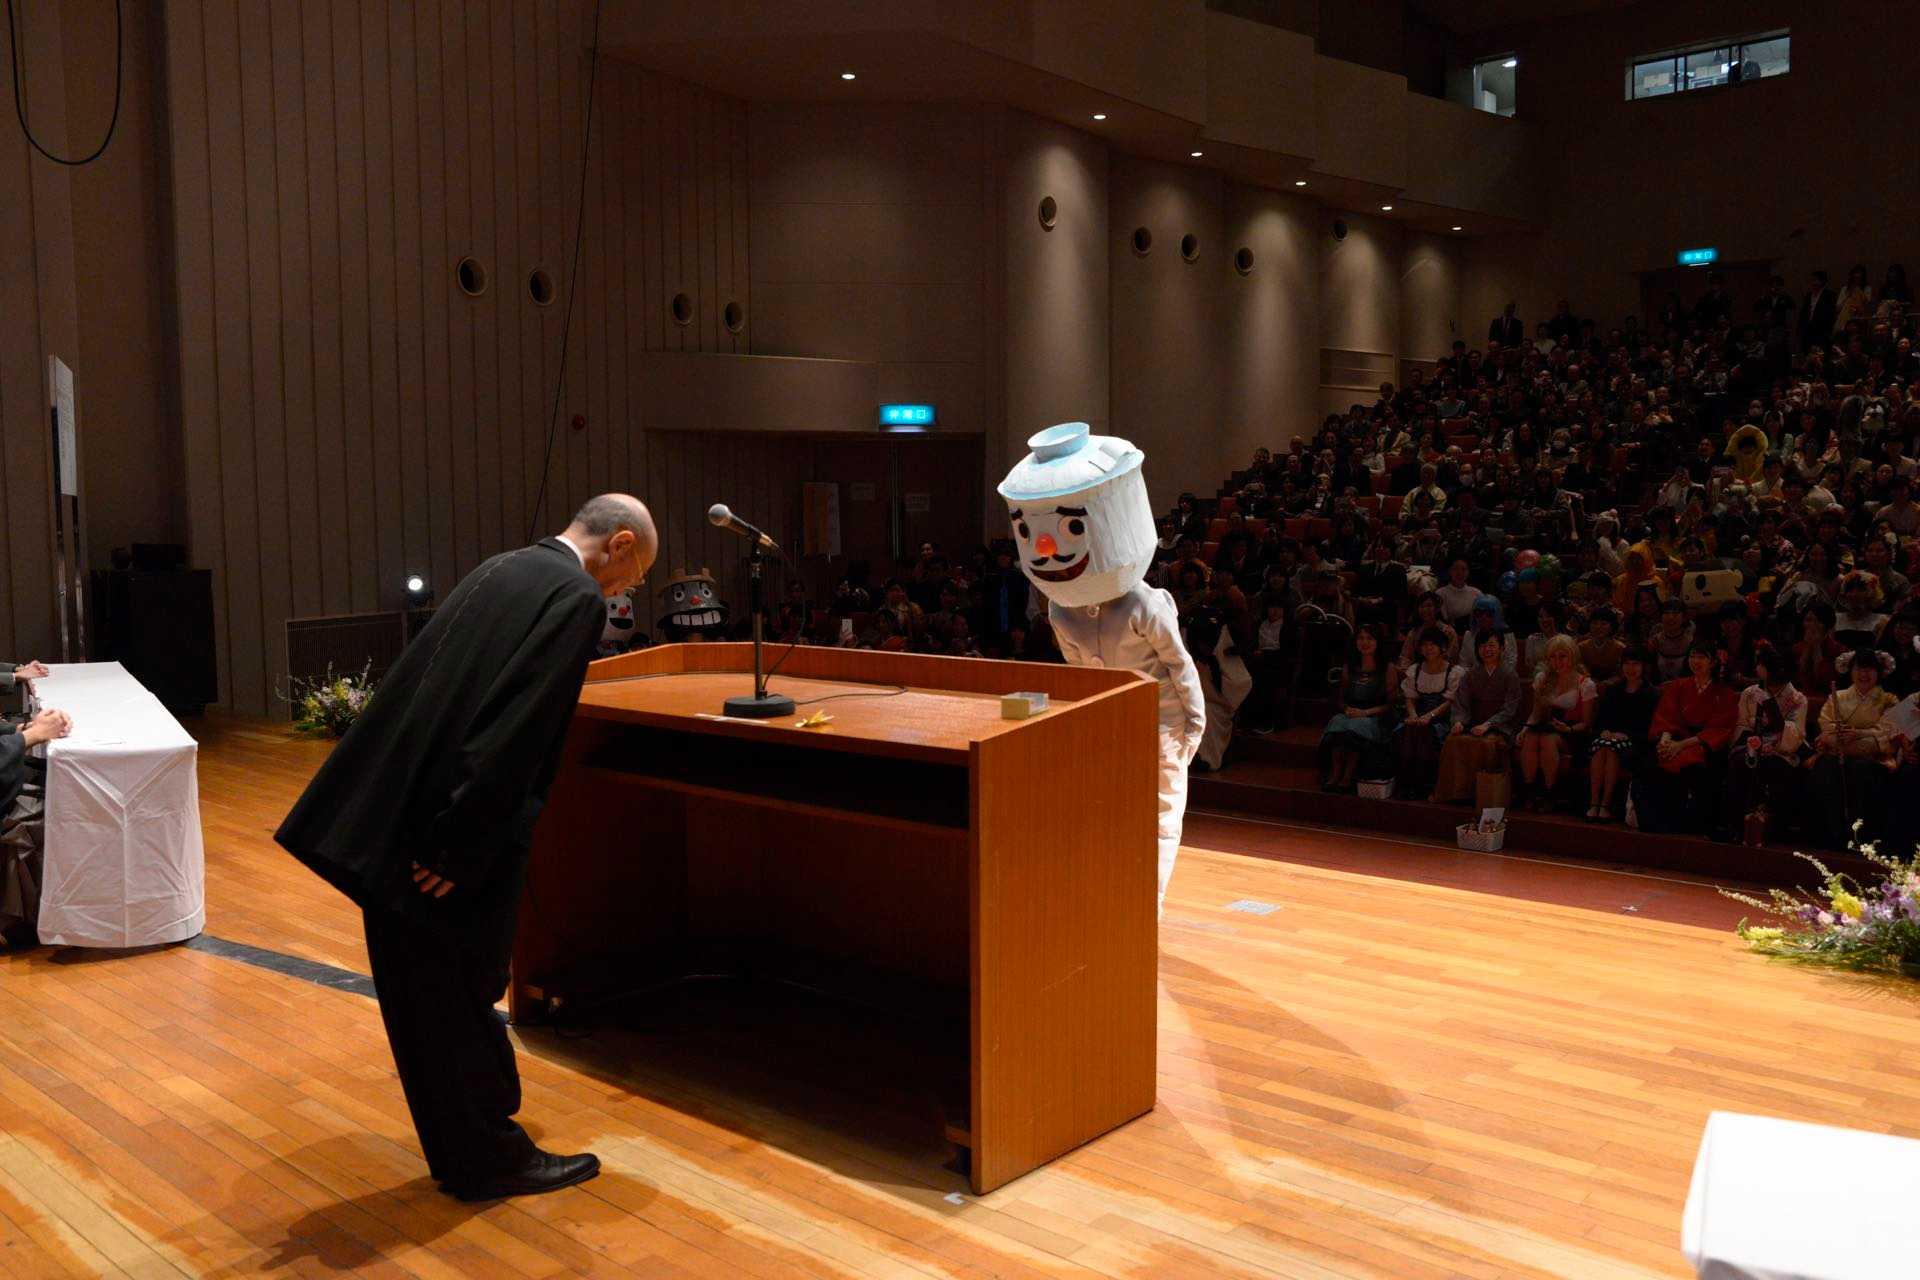 コスプレ(仮装)で盛り上がる京都市立芸術大学の卒業式の写真